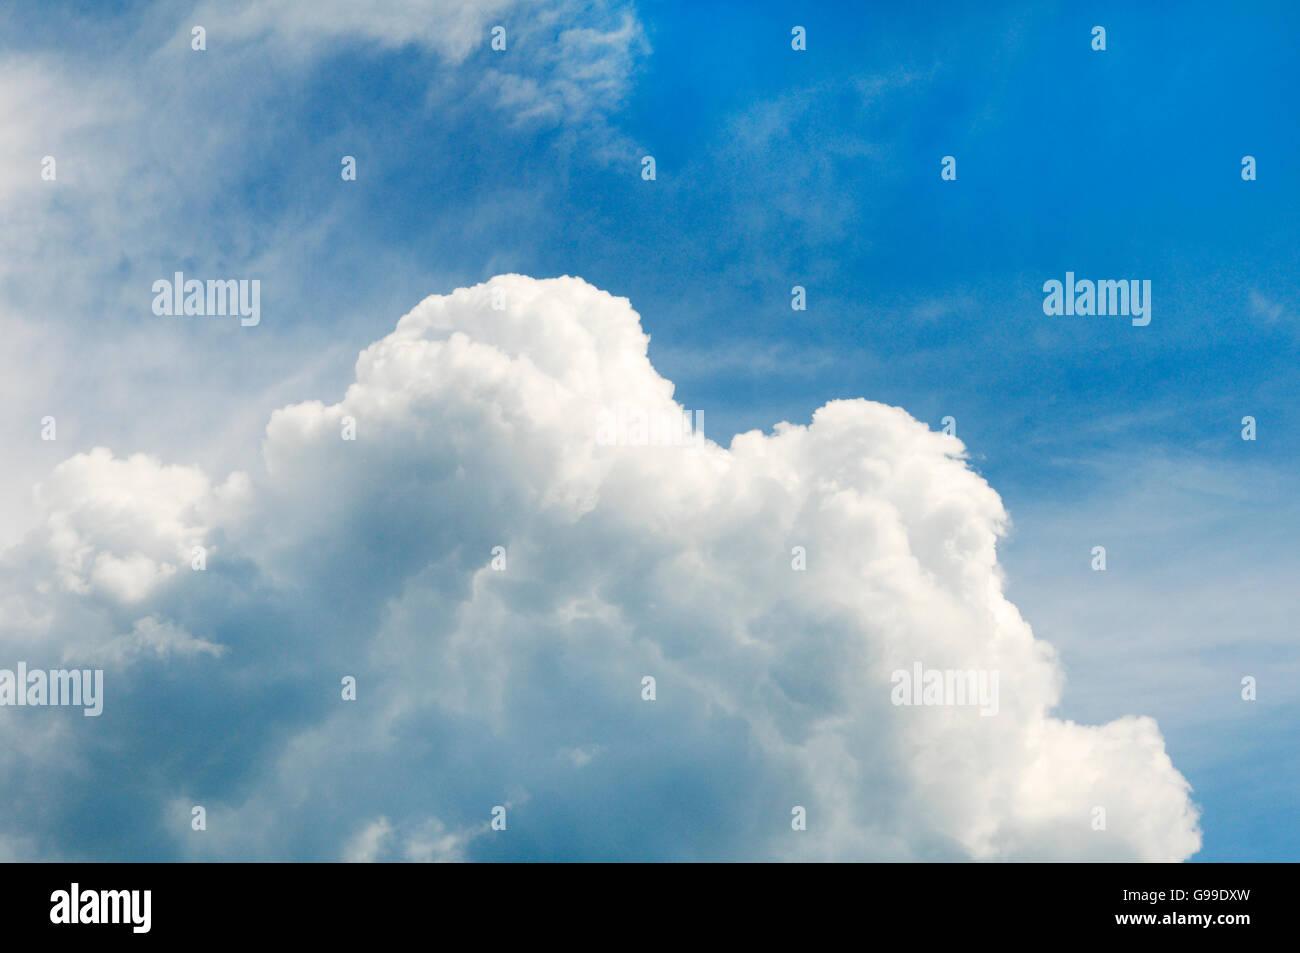 Geschwollene Cumulus-Wolken gemischt mit blauem Himmel Stockbild